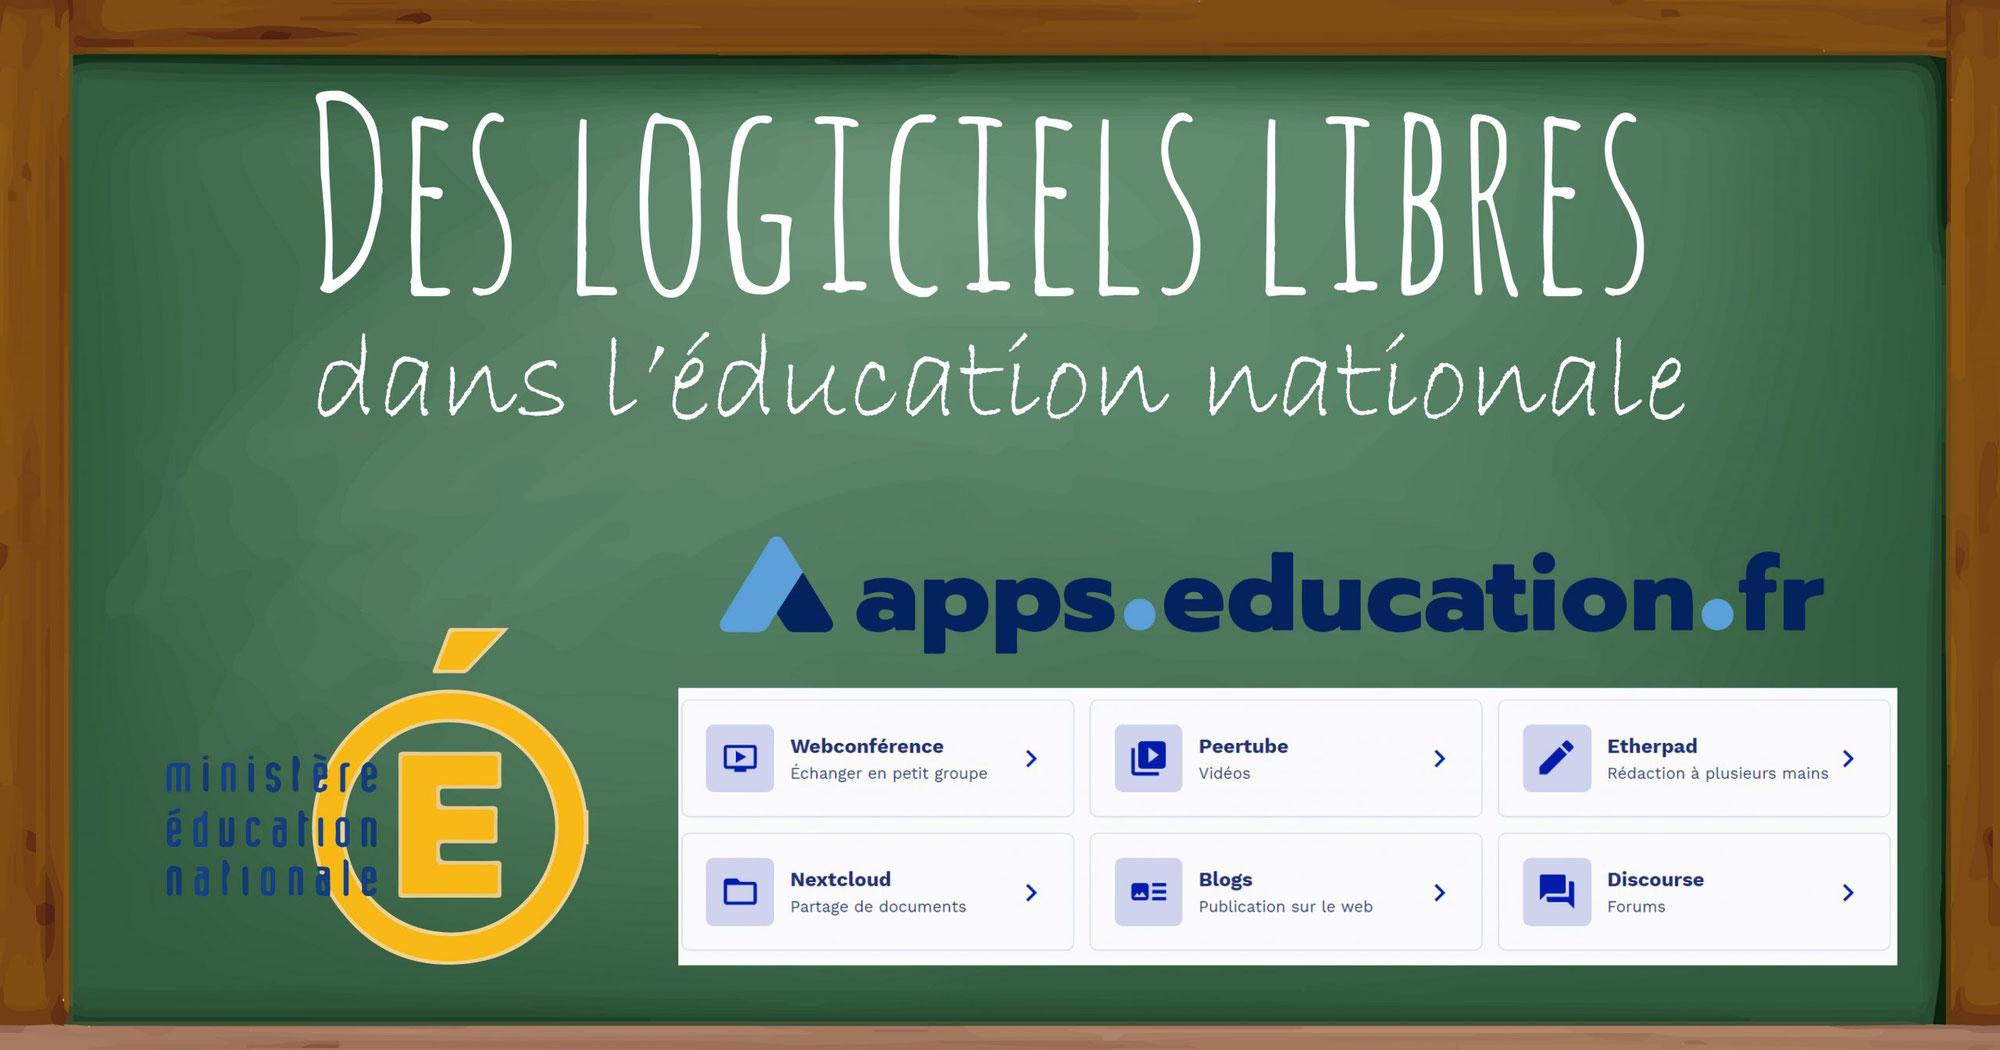 Logiciels libres et éducation nationale